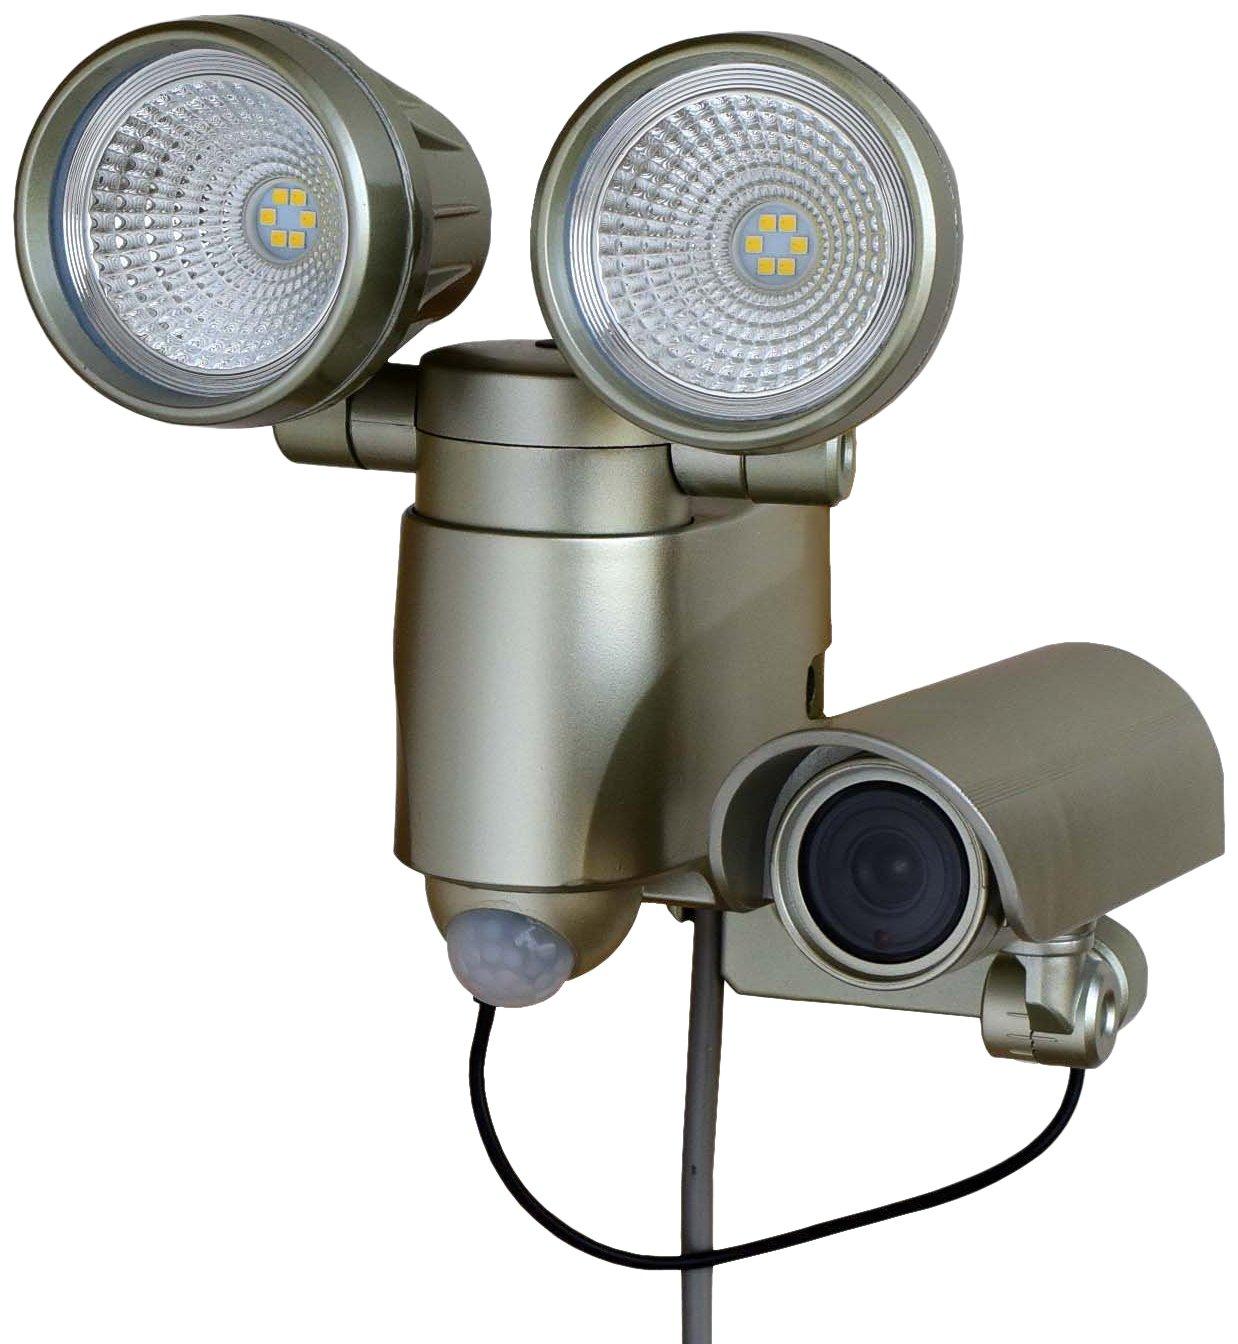 【Amazon.co.jp限定】高儀 LEDセンサーライト ダブル 6W×2 メタリックゴールド 録画機能付 防犯用品 ASLT-6MG B018FF7TG4 11848 メタリックゴールド メタリックゴールド